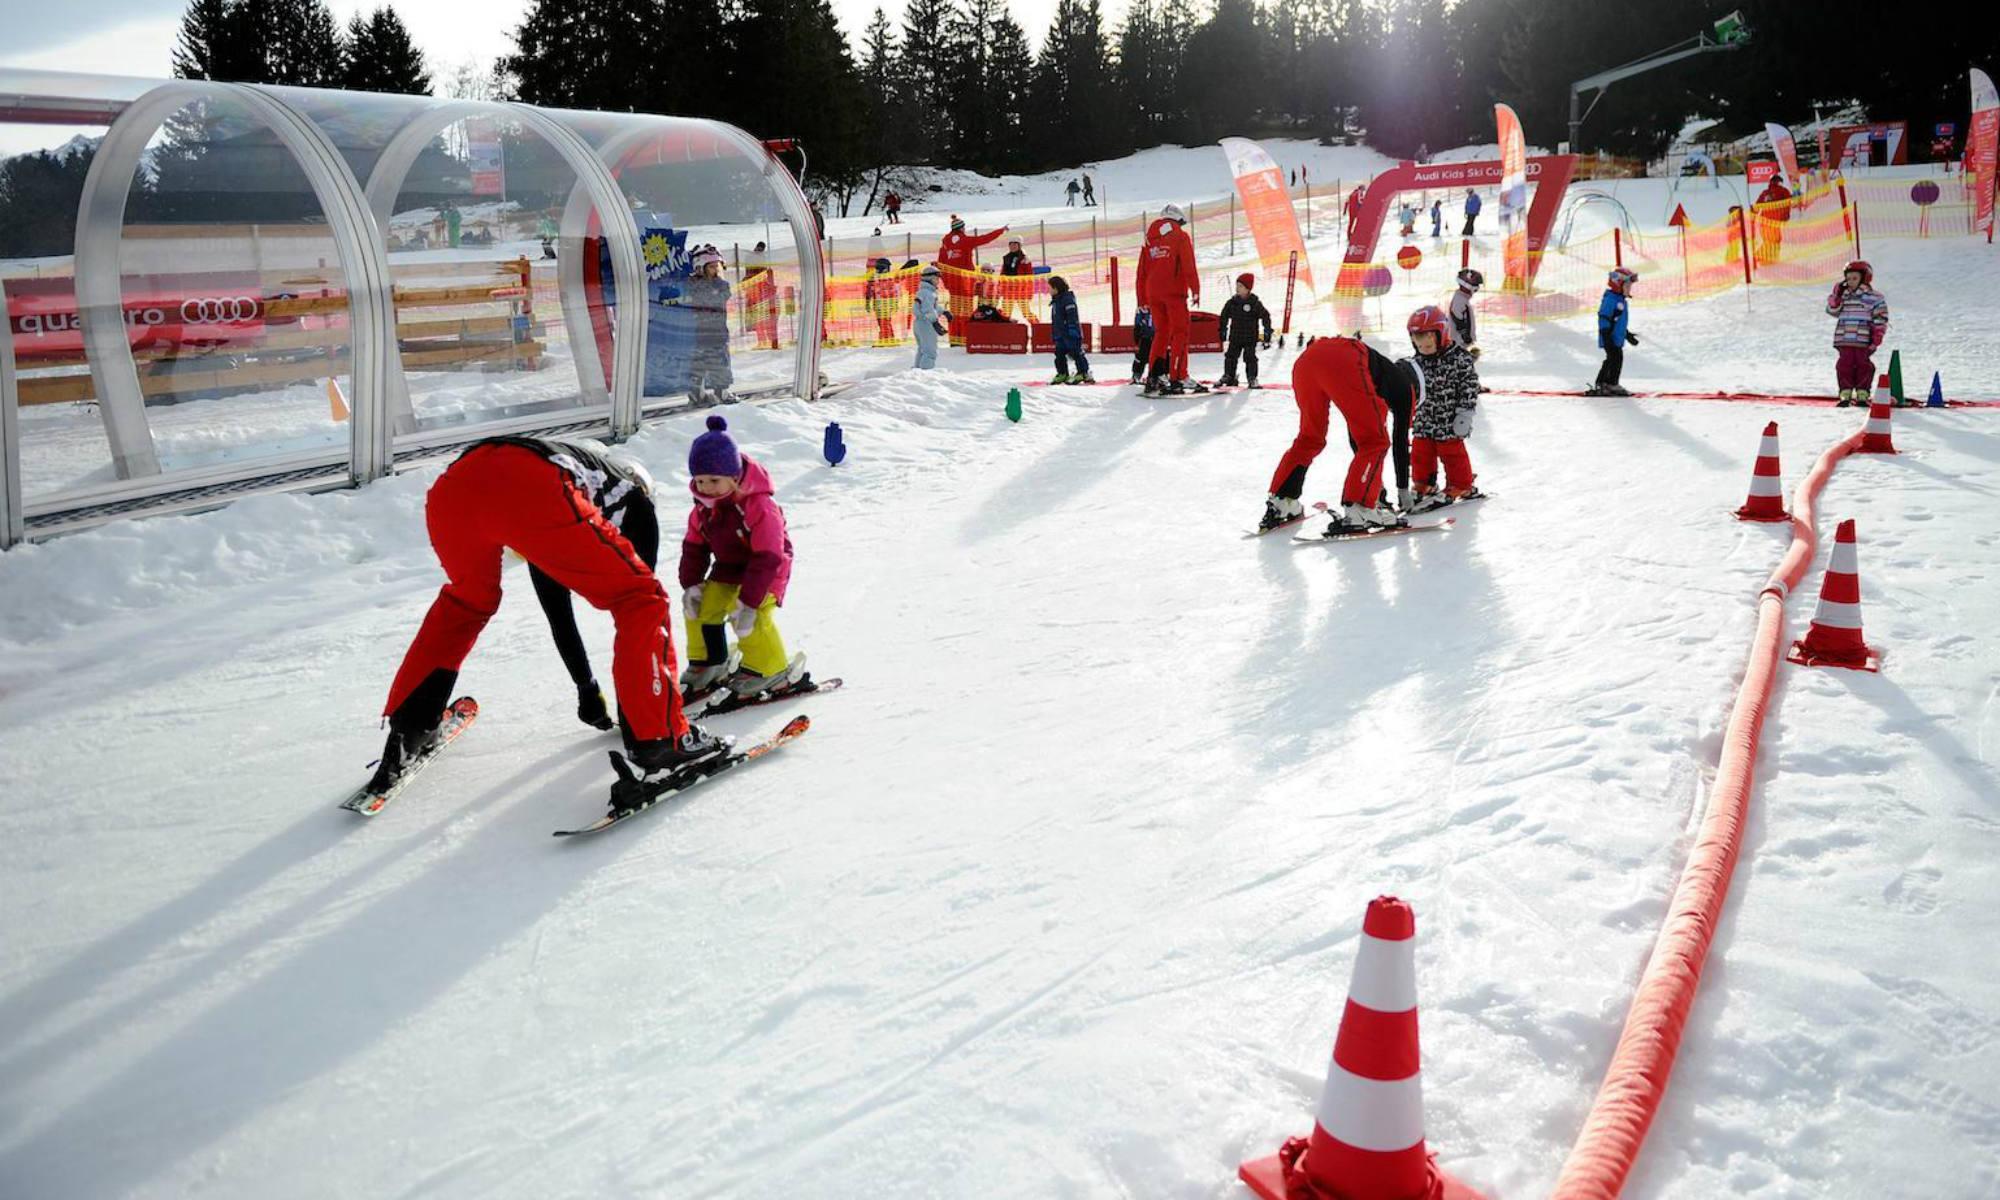 Kinder lernen das Skifahren in einem der Kinderländer in Oberstdorf auf spielerische Art und Weise.